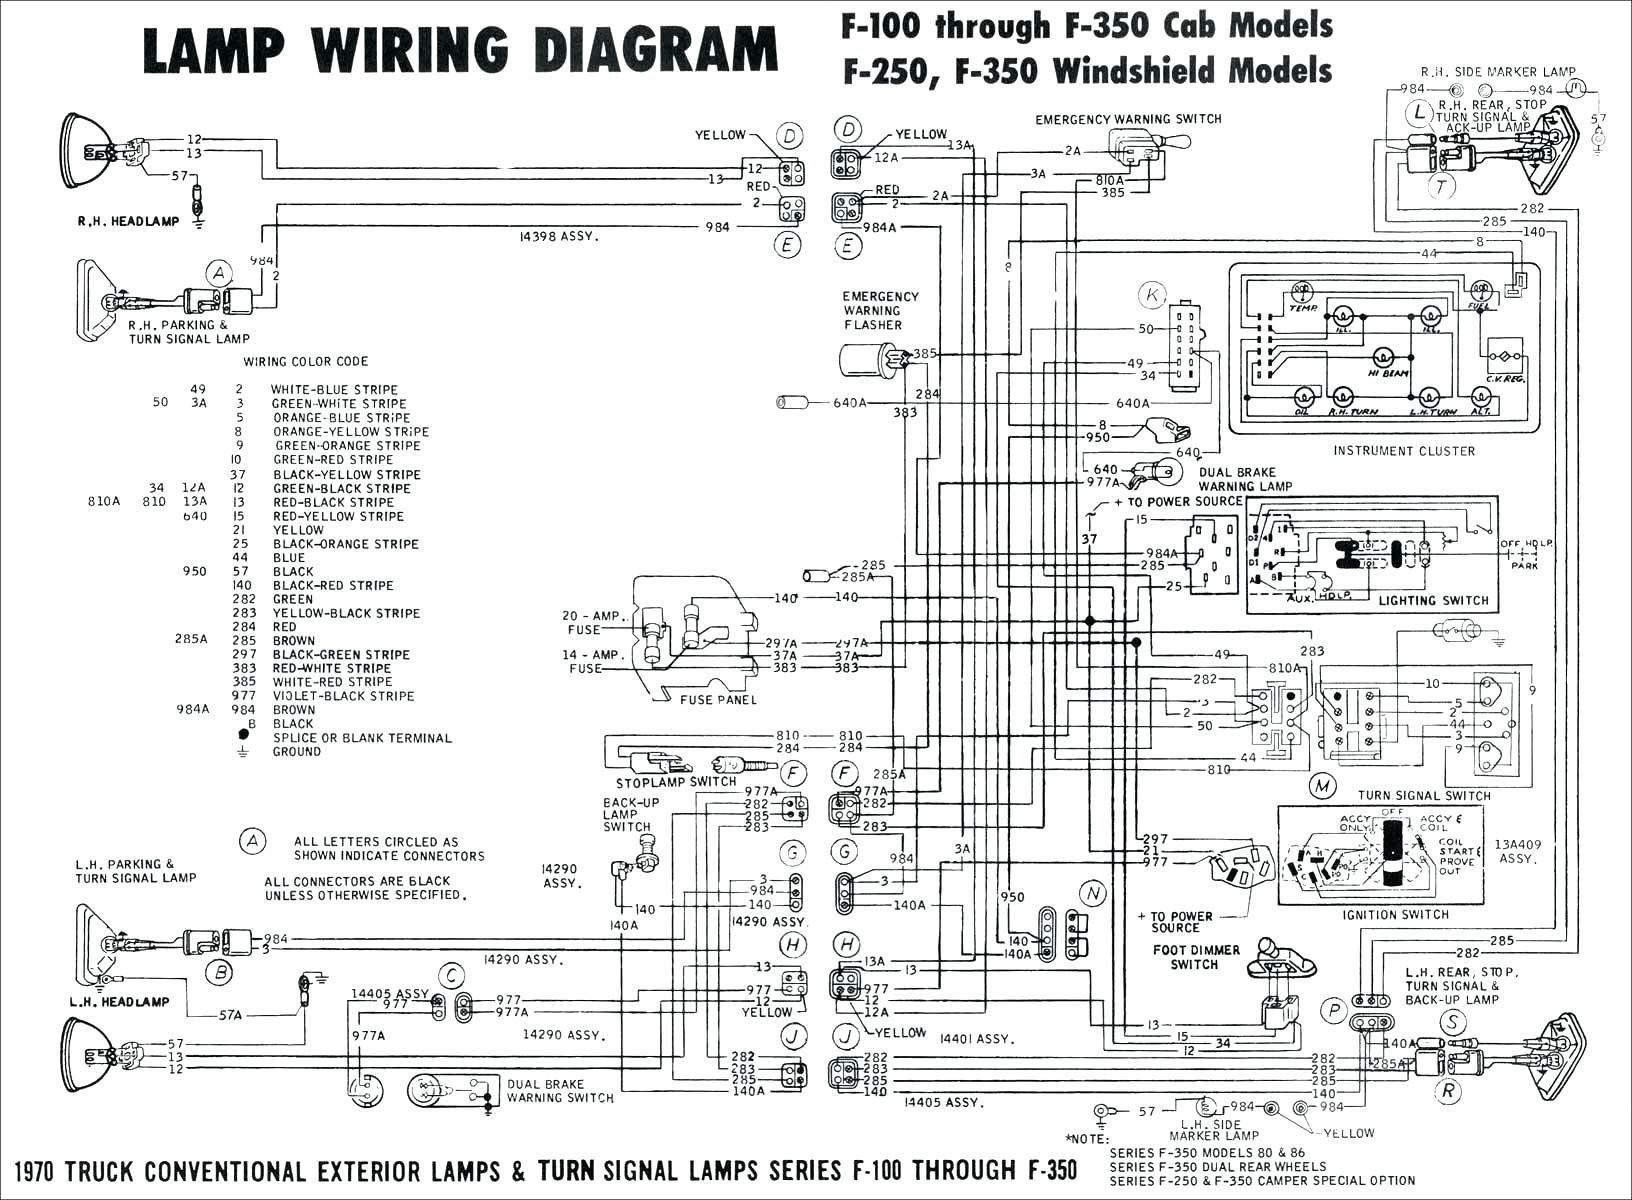 2007 Audi A4 Engine Diagram 1996 Audi A4 Electrical Diagram Wiring Diagram Services • Of 2007 Audi A4 Engine Diagram